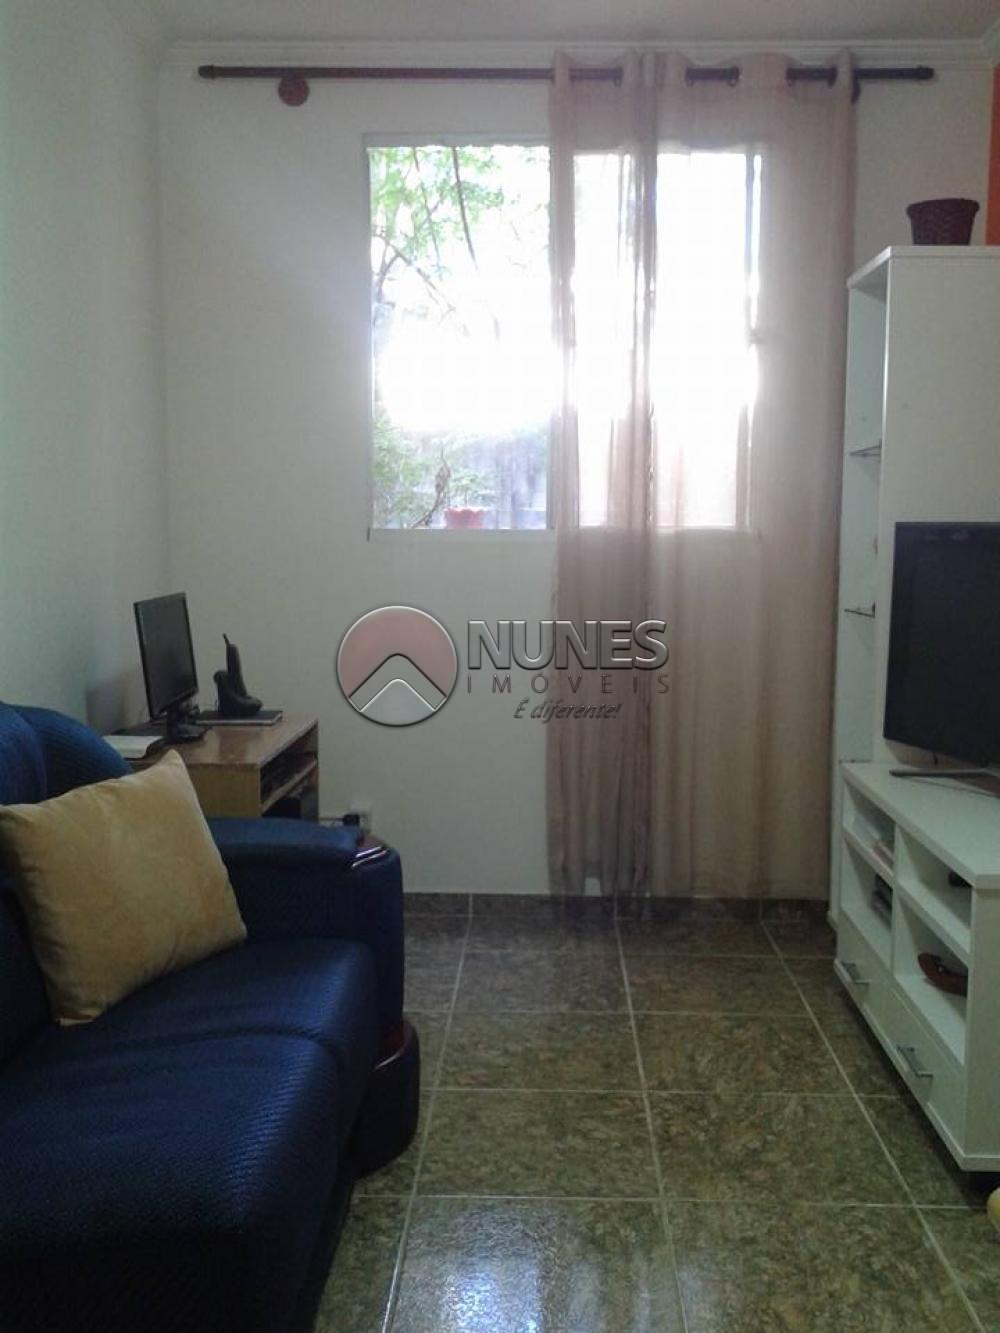 Comprar Apartamento / Padrão em Carapicuíba apenas R$ 165.000,00 - Foto 5